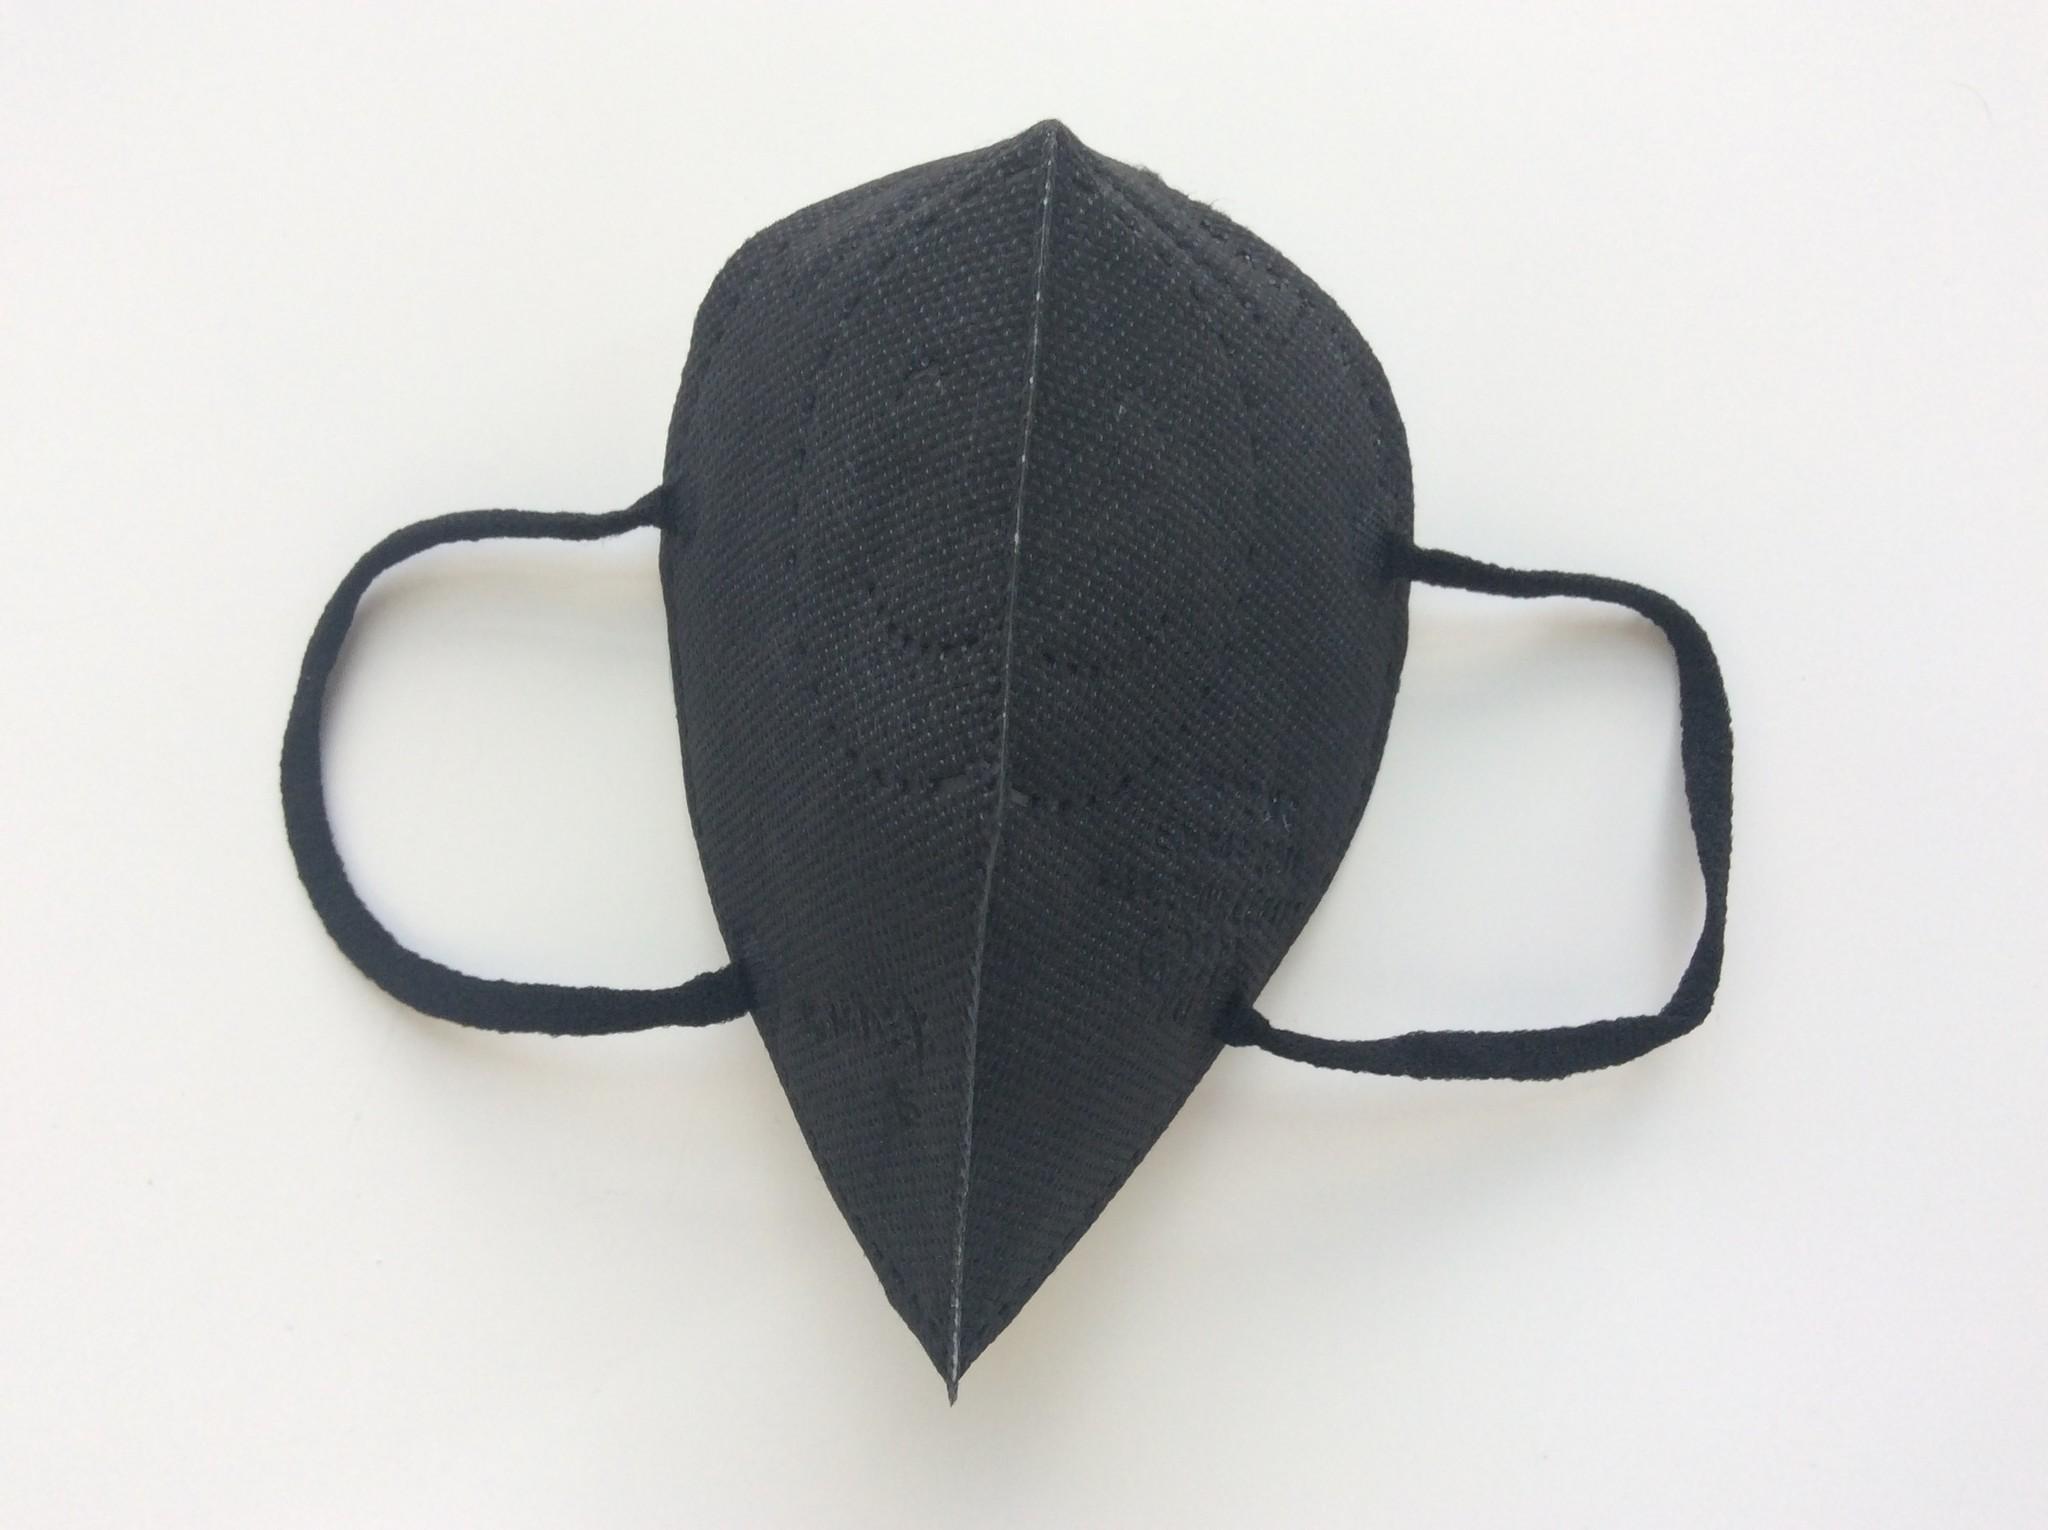 """IG-mask """"FFP2"""" IG-Mask - Color Black- 5 pieces (2.99 each)"""